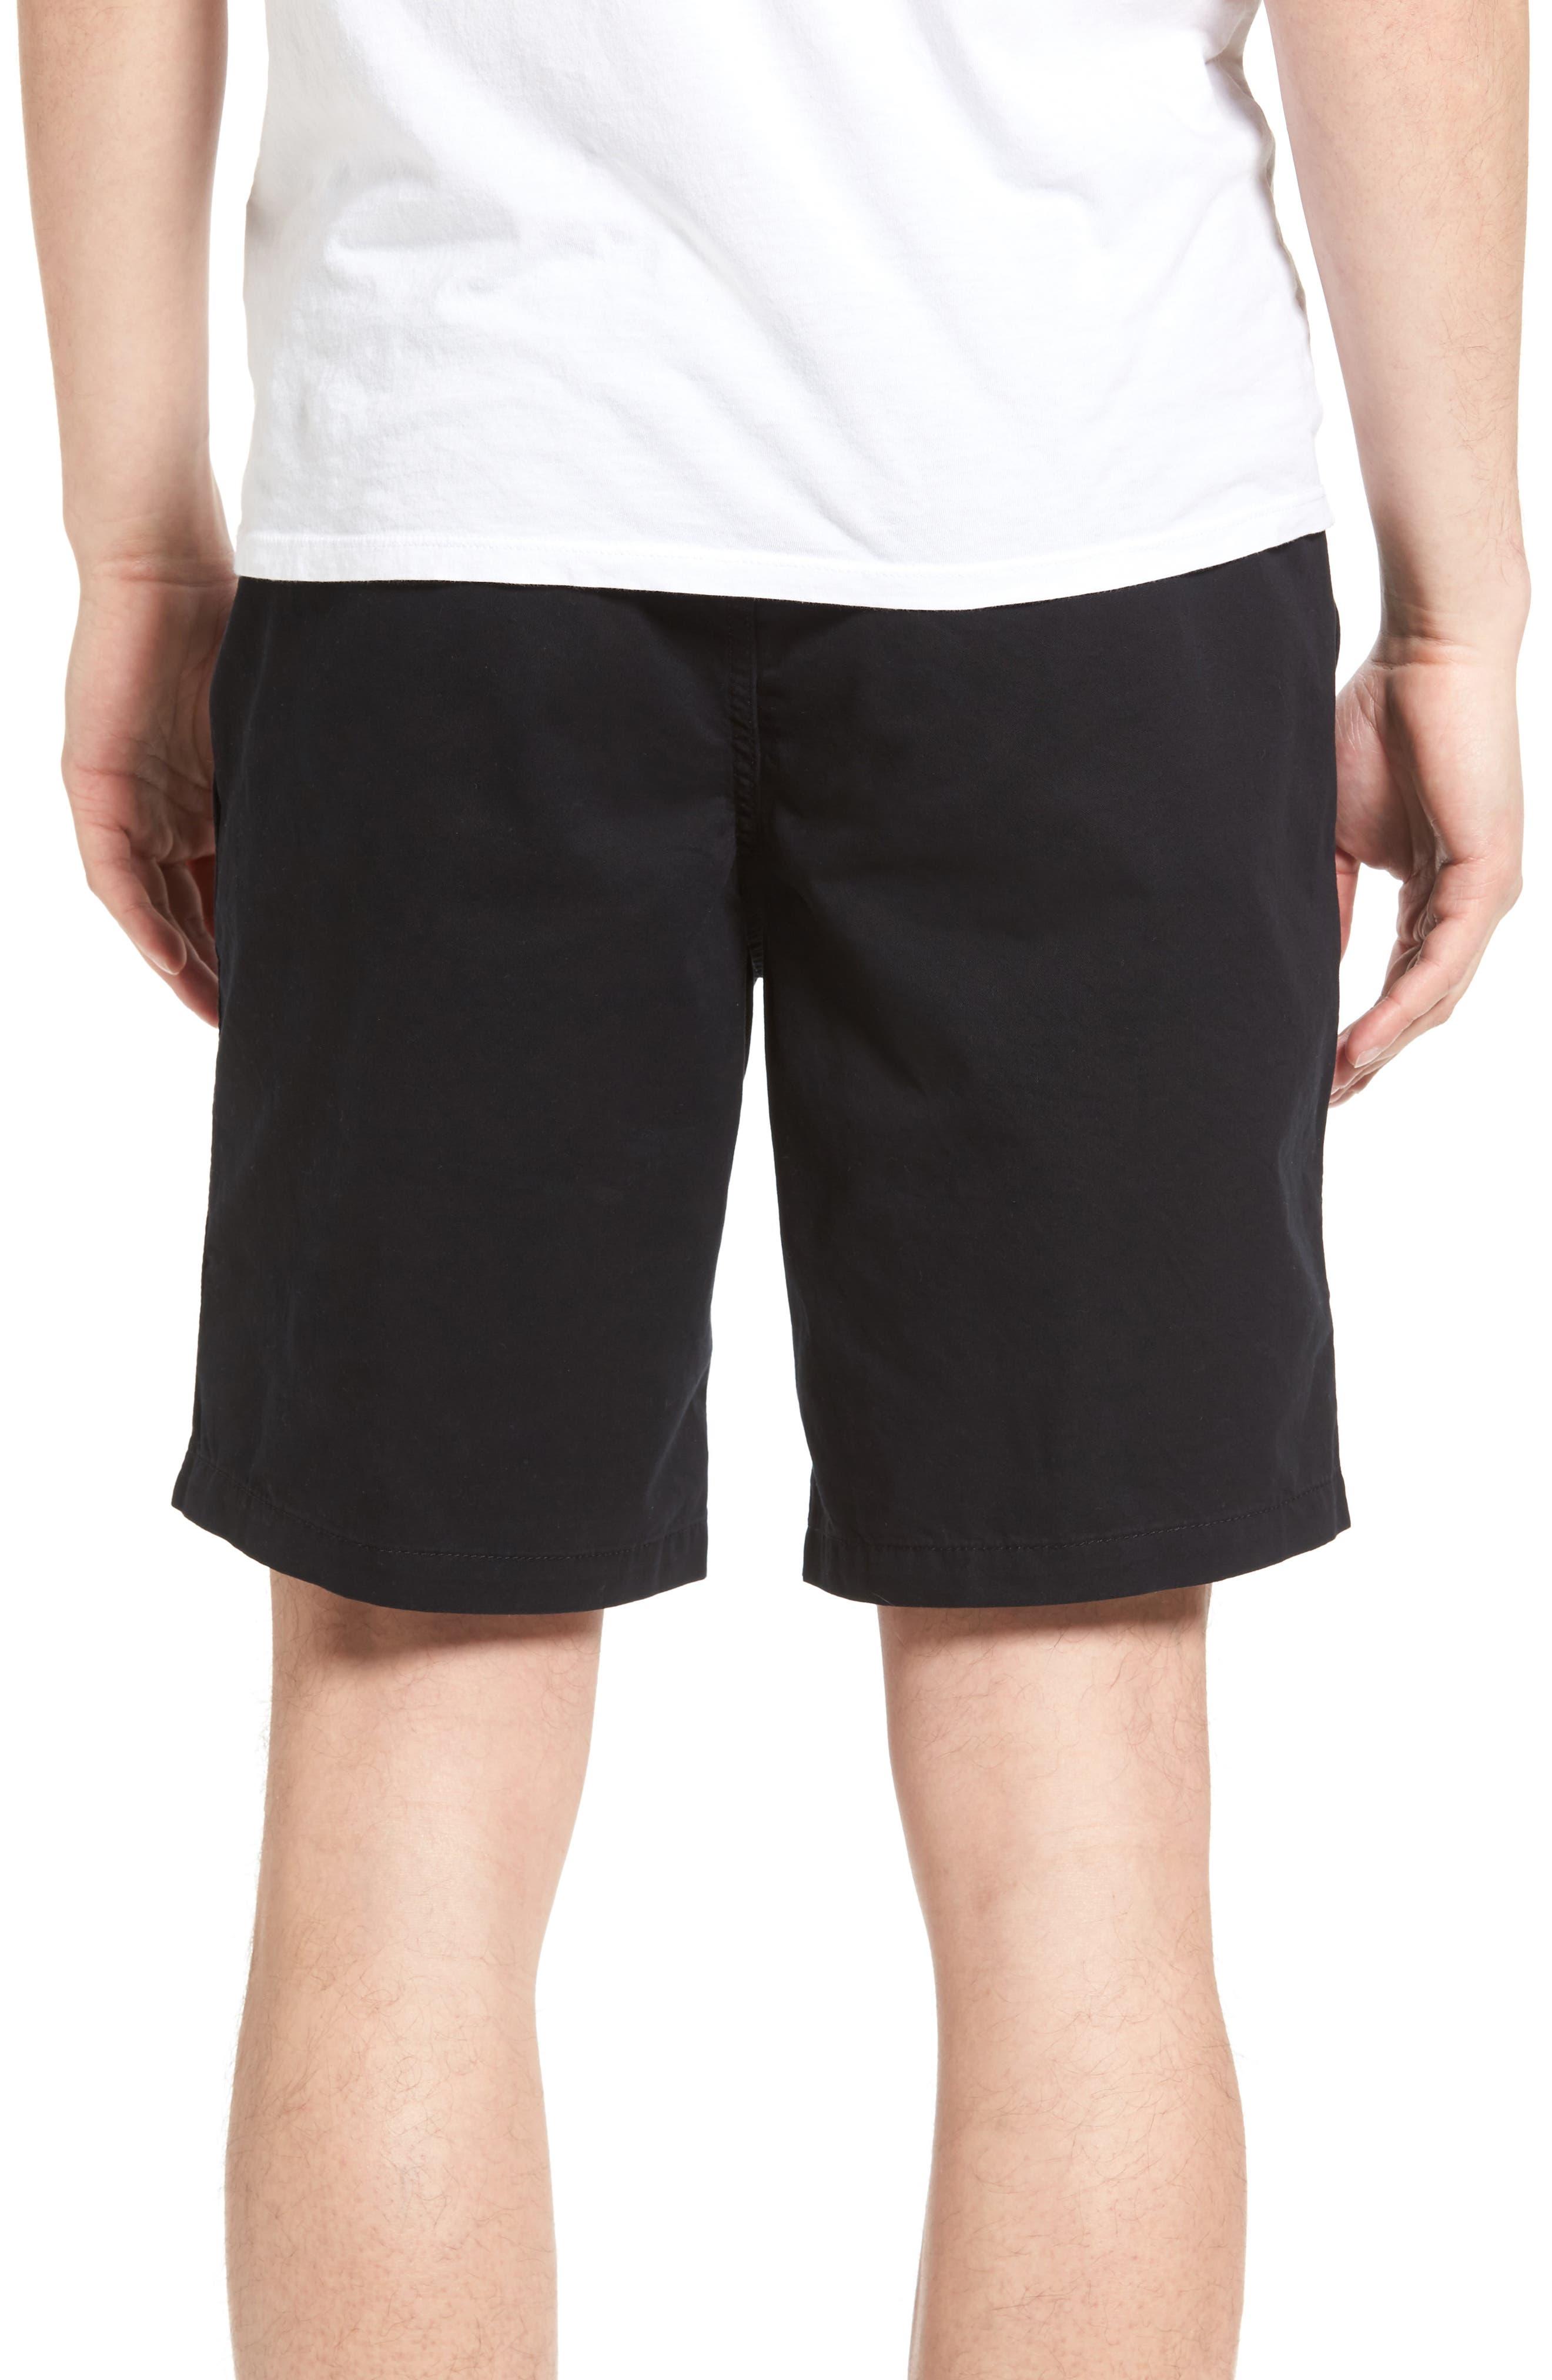 Range Shorts,                             Alternate thumbnail 2, color,                             Black